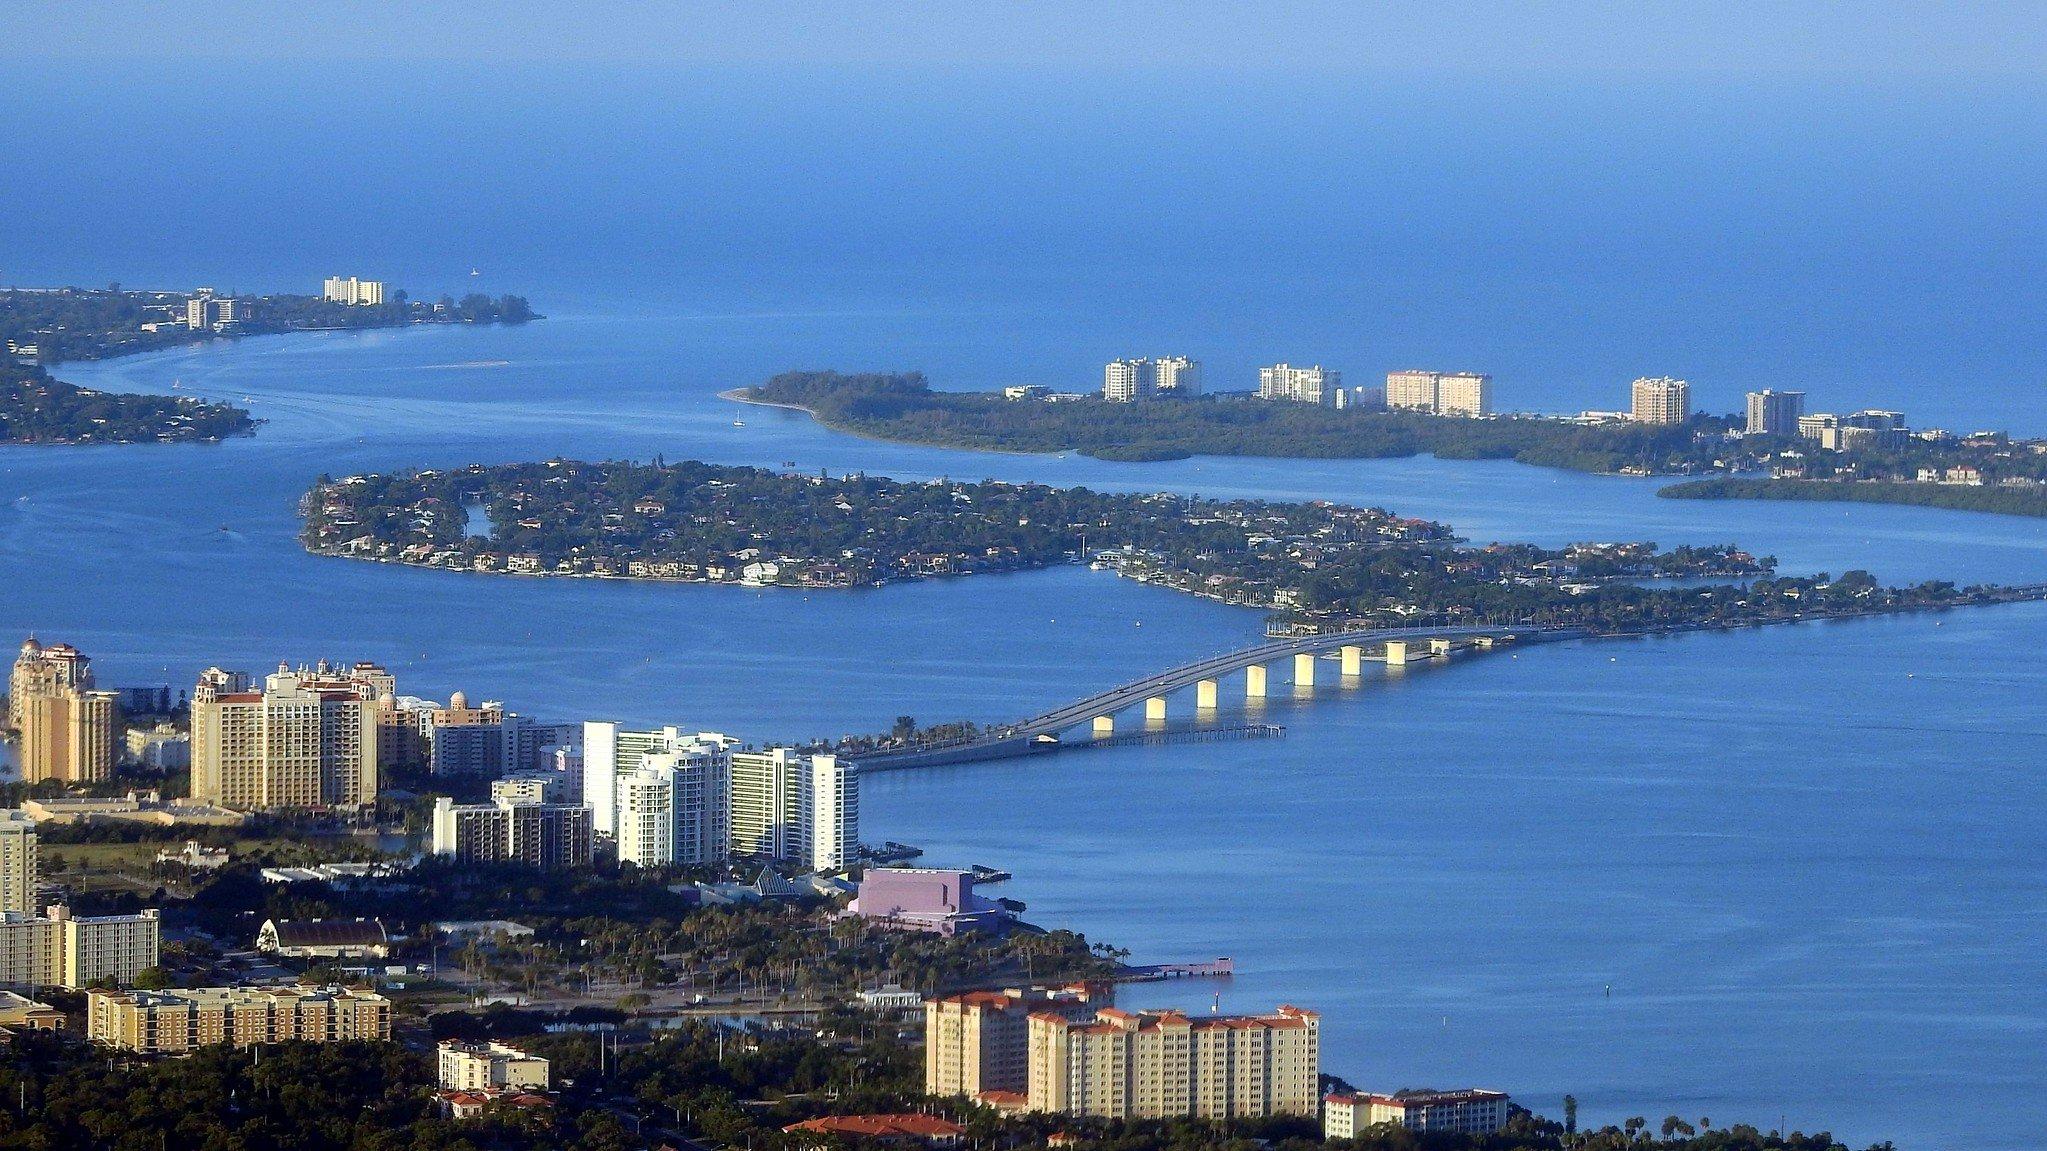 Downtown Sarasota ariel